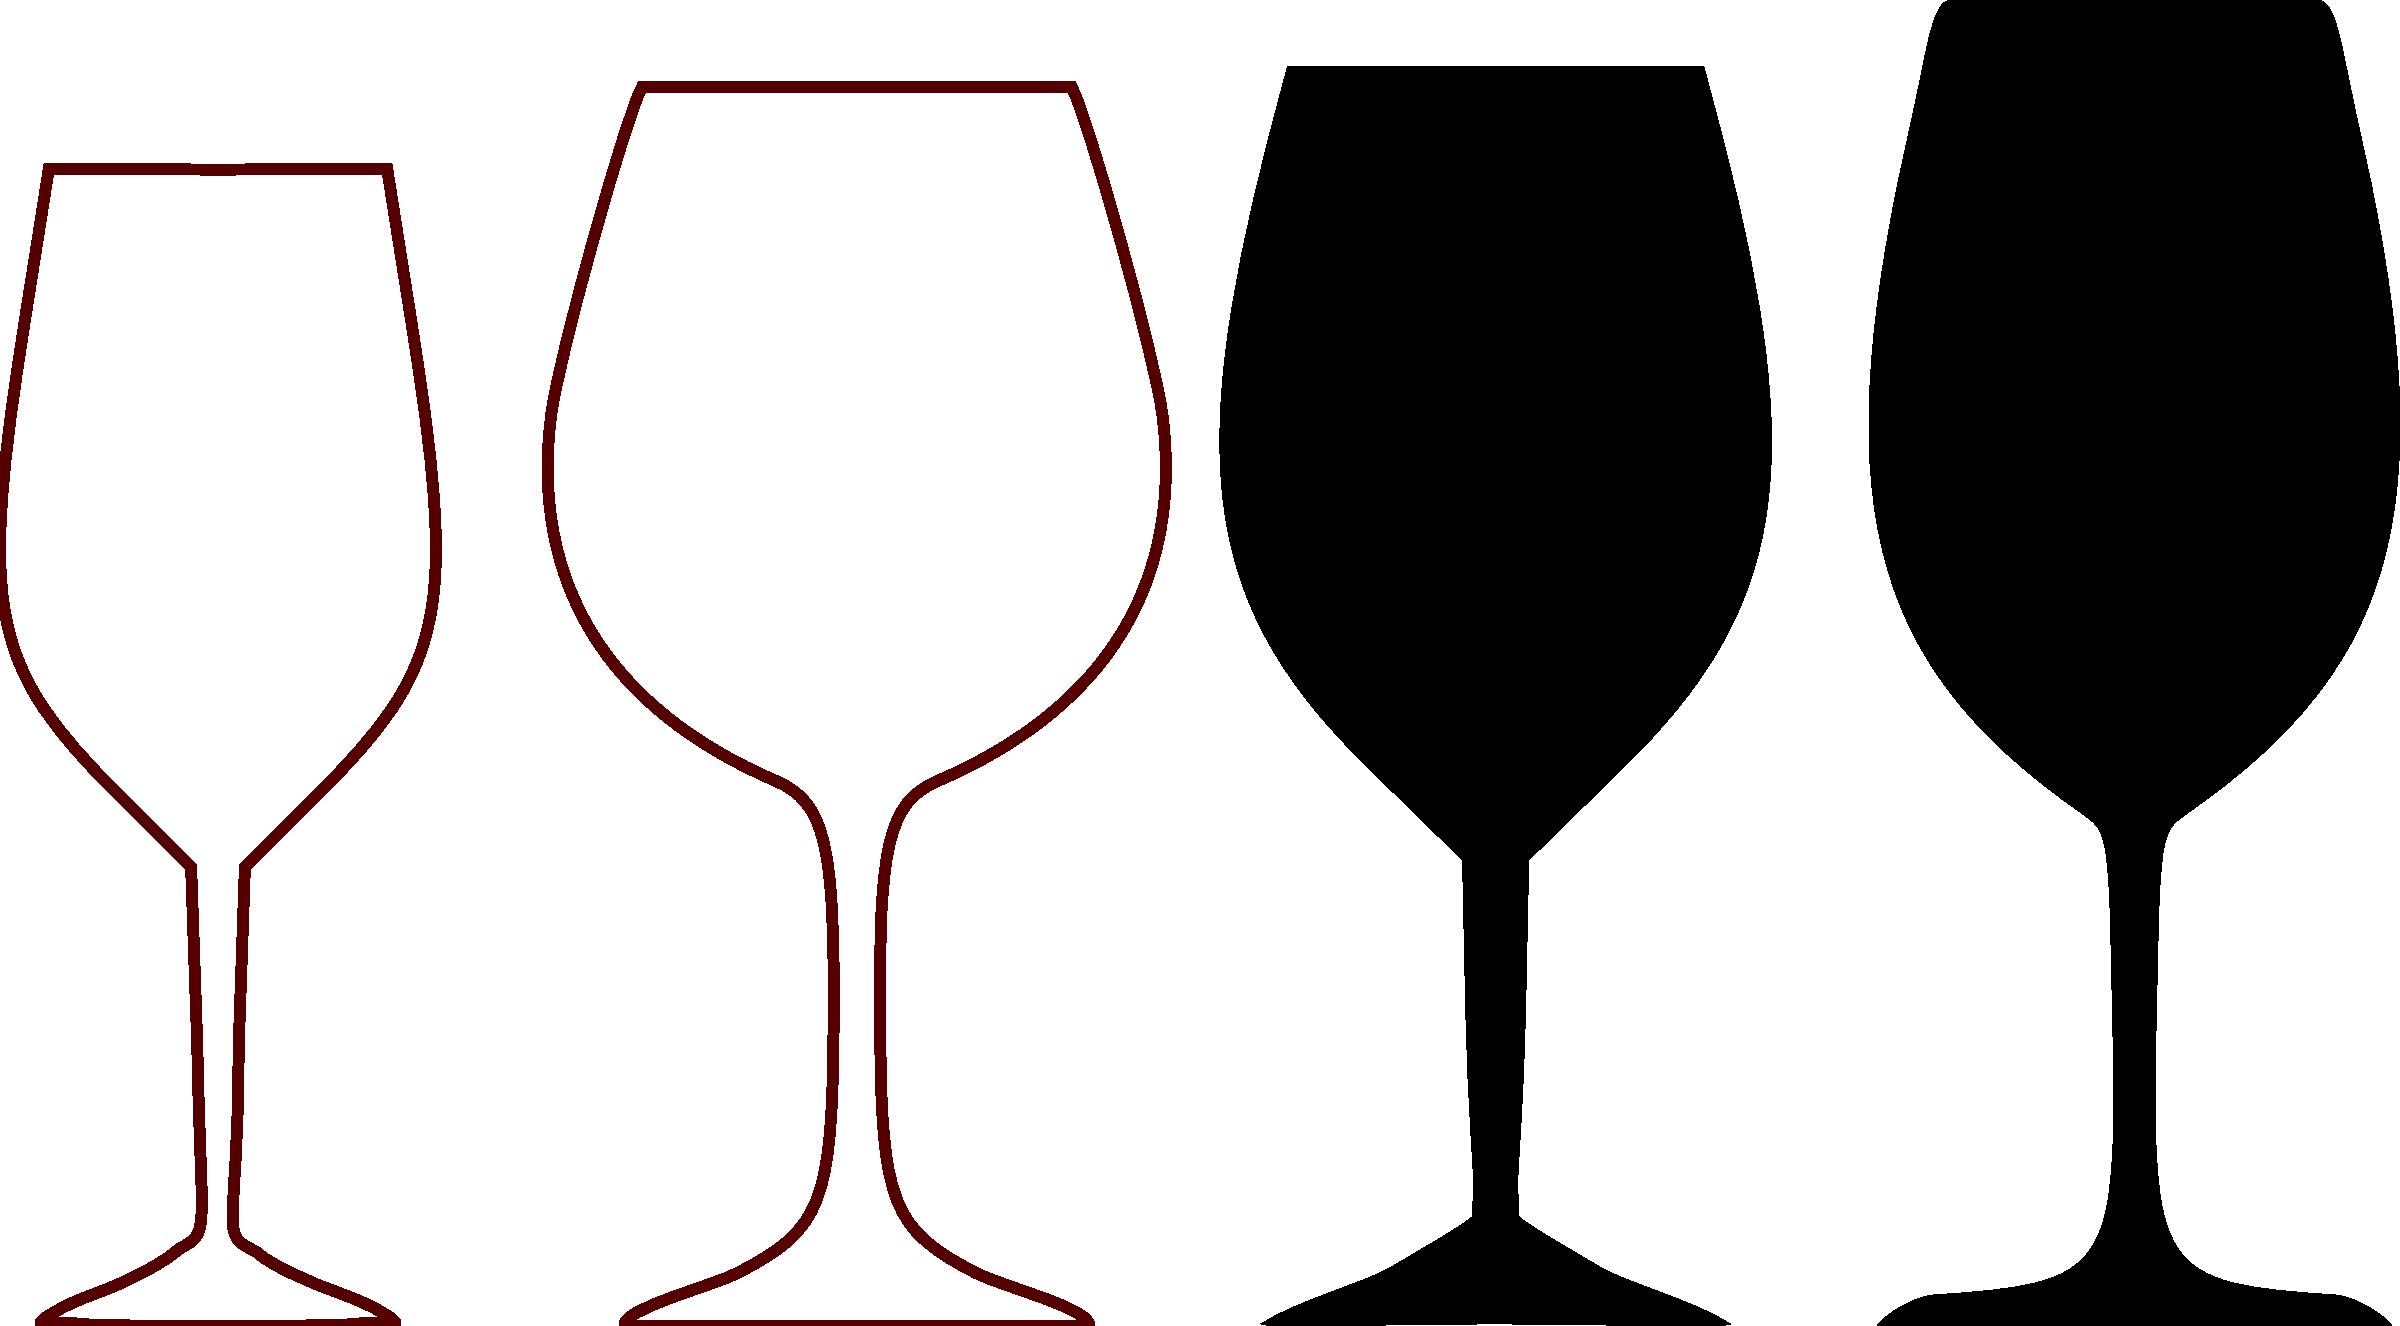 wine glass clip art borders - photo #31